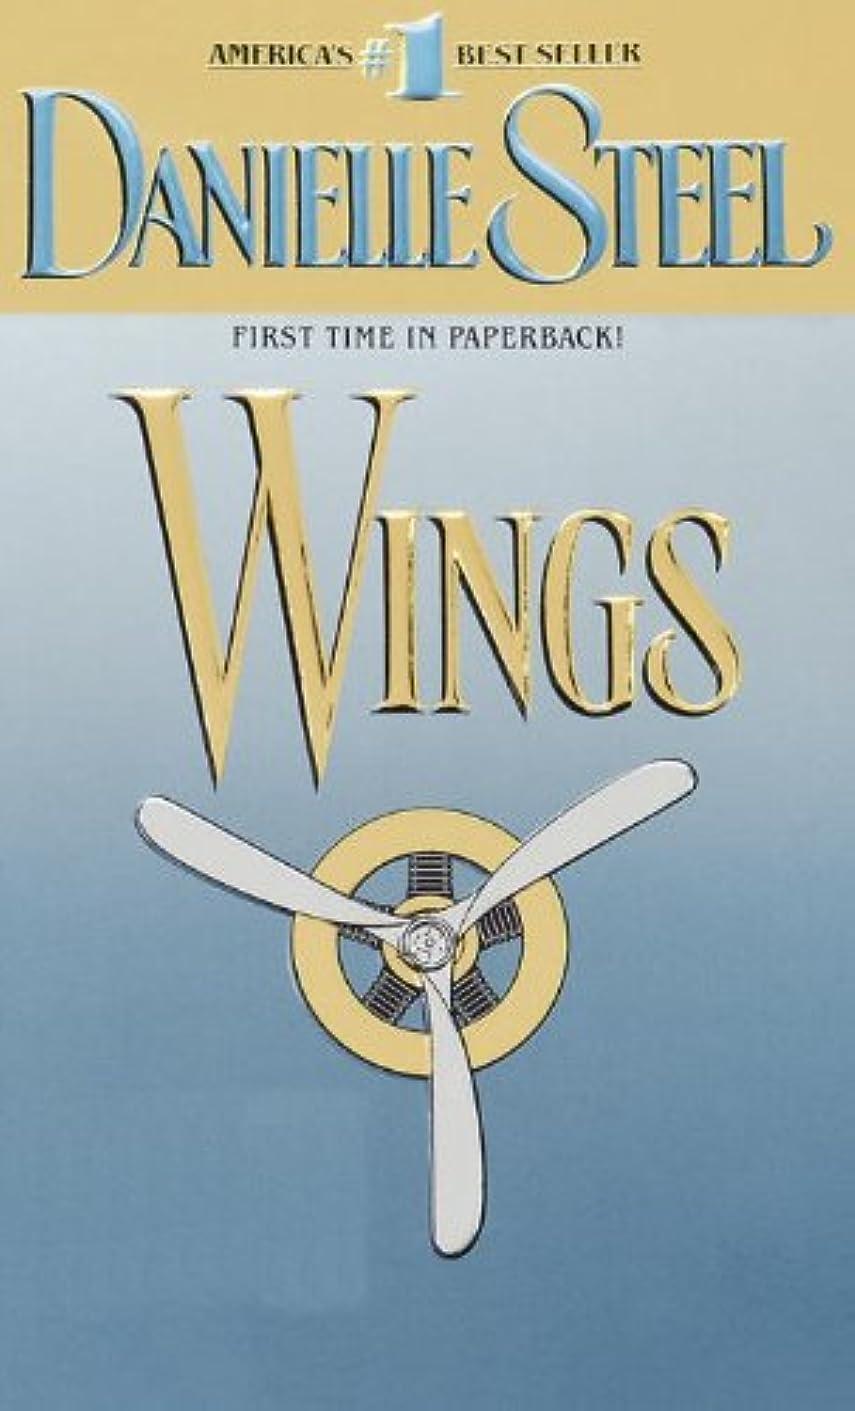 ホールド問題悪性腫瘍Wings: A Novel (English Edition)